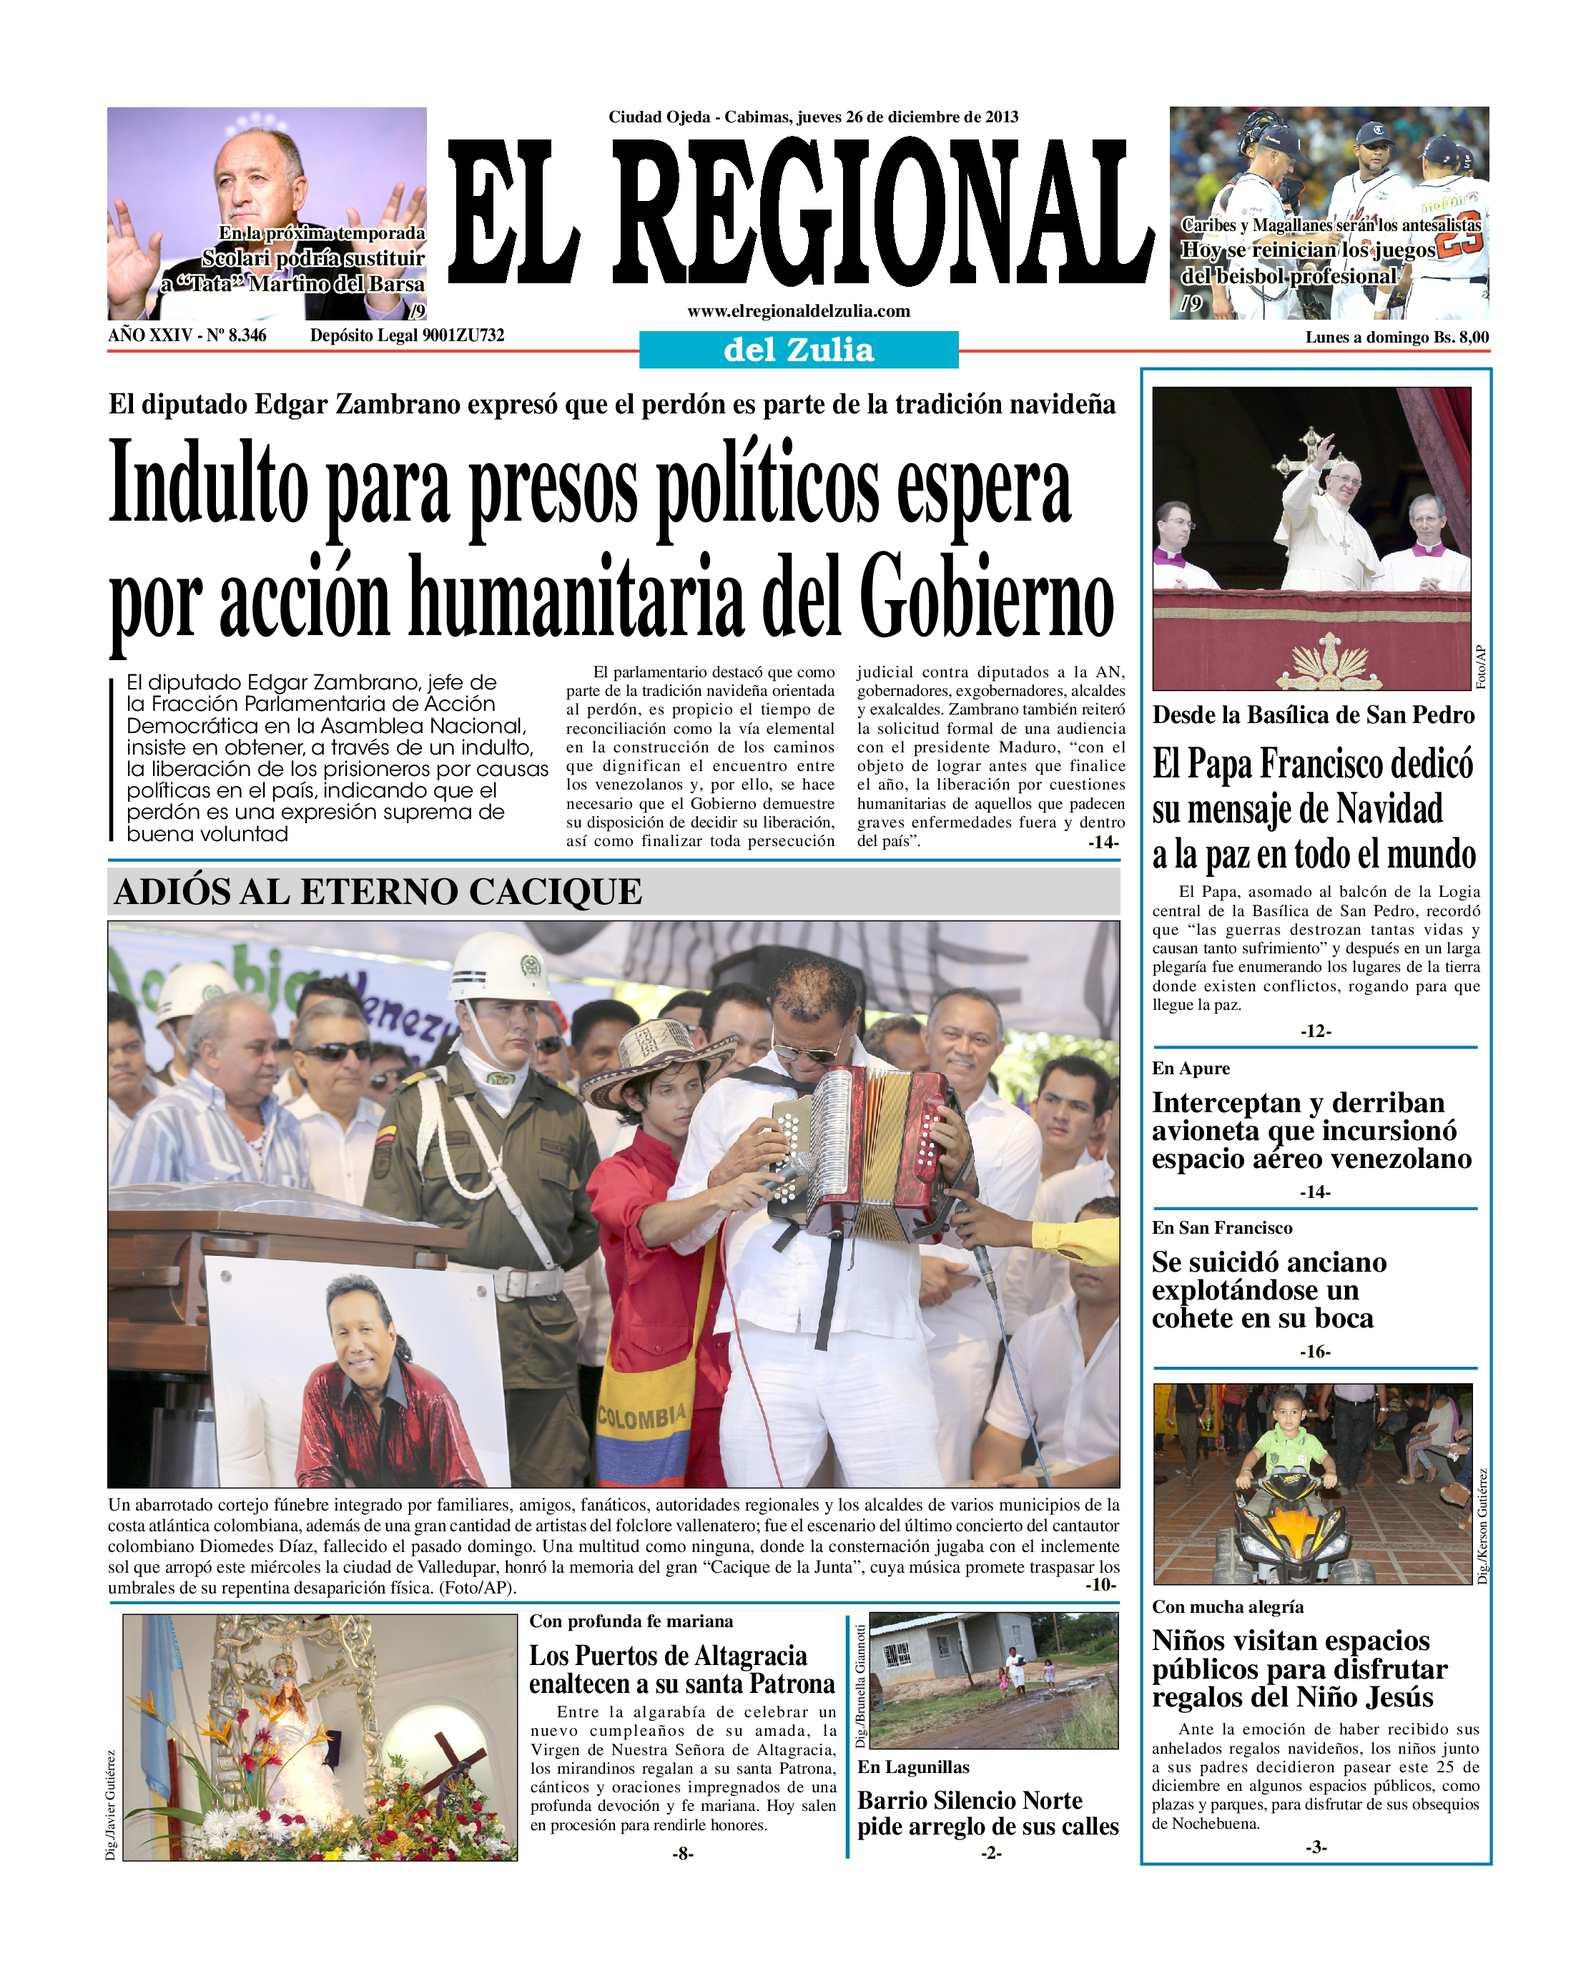 Calaméo - El Regional del Zulia 26-12-2013 2a7a766f4f6